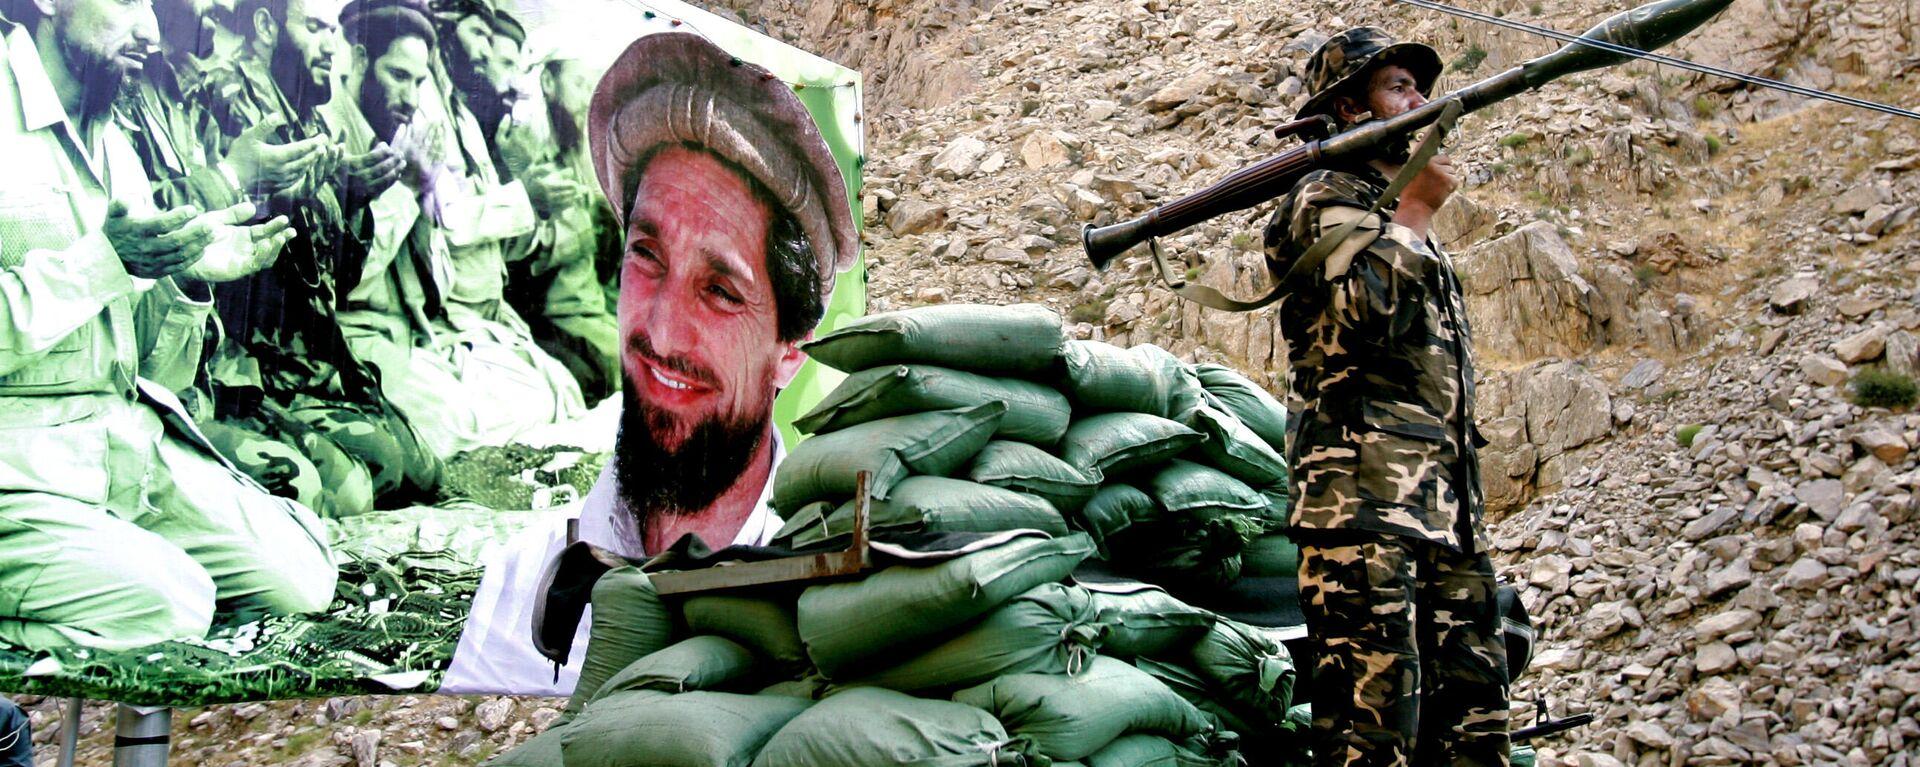 Soldado afgano frente el poster con Ahmad Shah Masud, señor de la guerra de Afganistán conocido como 'el león de Panshir' (archivo) - Sputnik Mundo, 1920, 20.08.2021